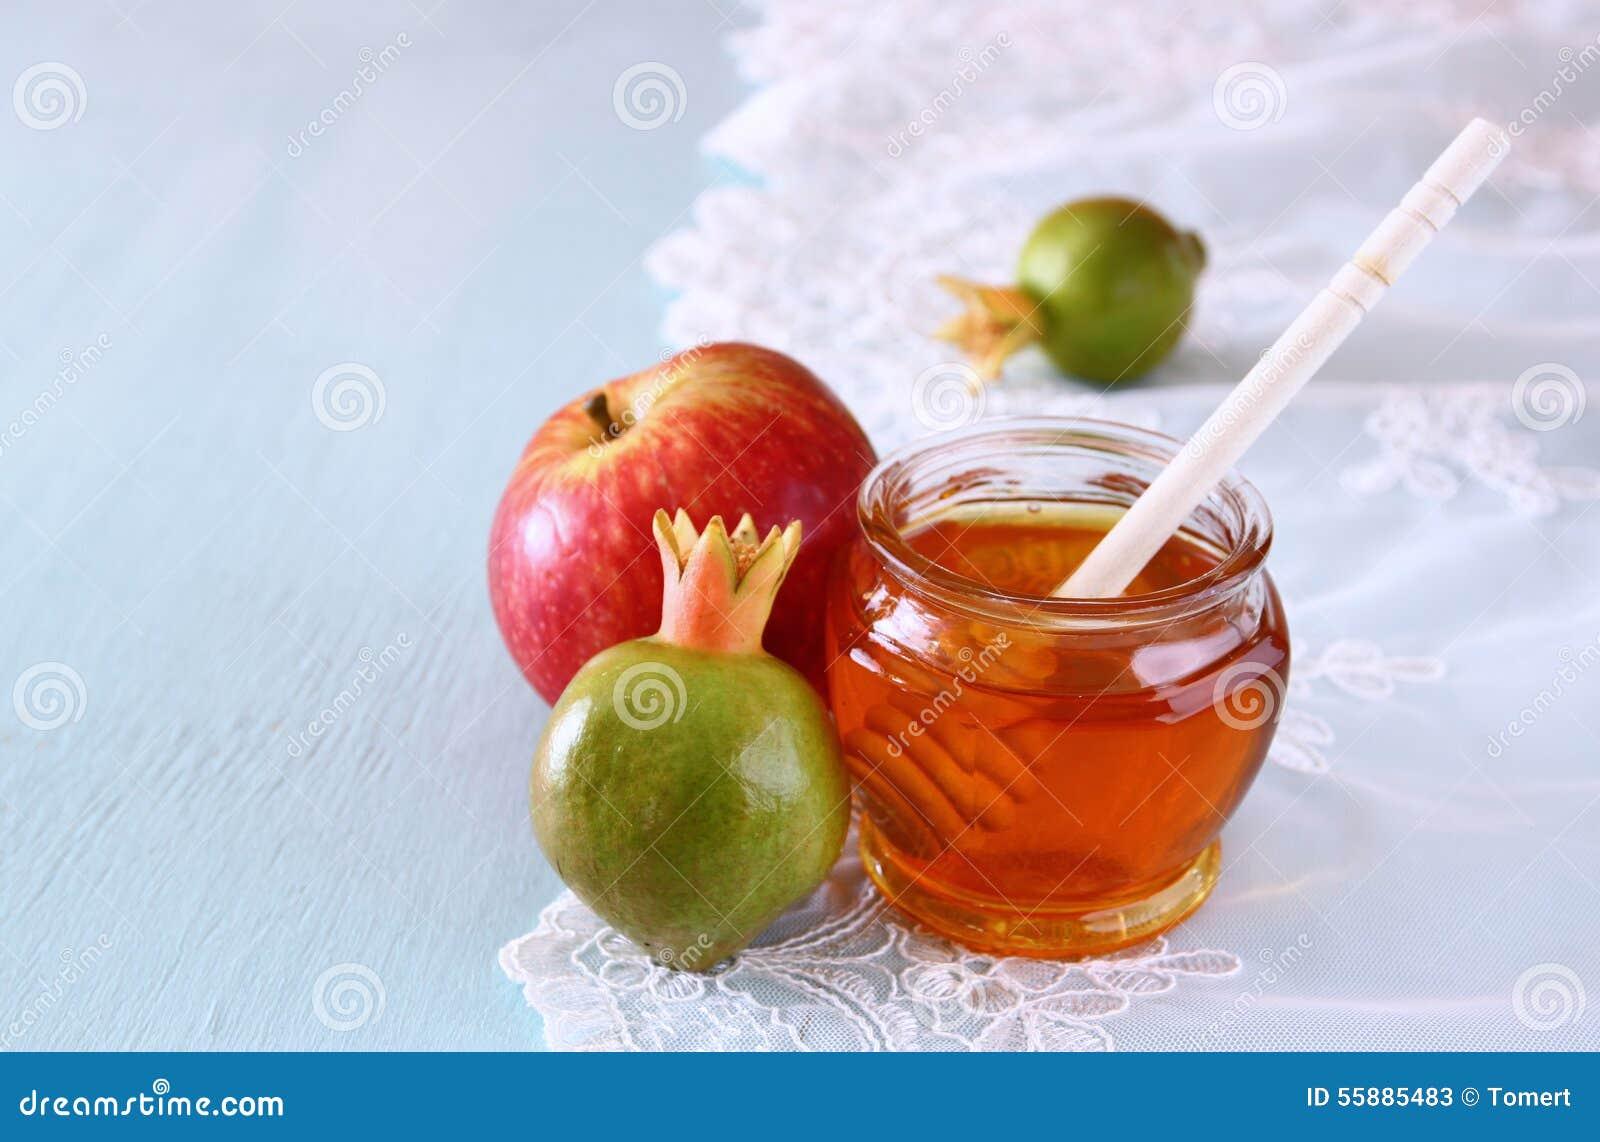 Rosh Hashanah Stock Photo Image 55885483